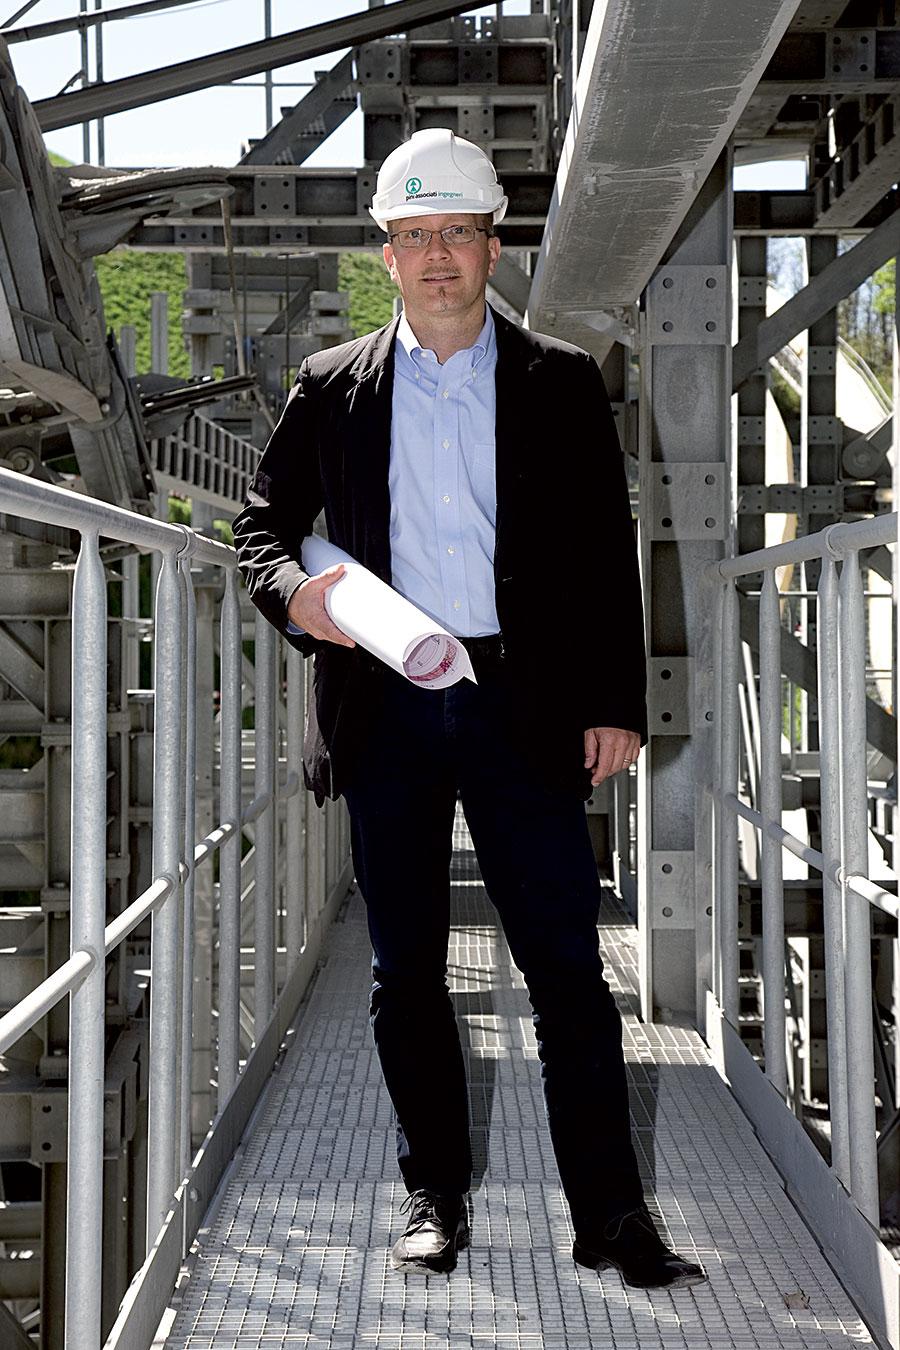 Stefano Guandalini (42) engineer at Pini Swiss, Lugano (Switzerland)